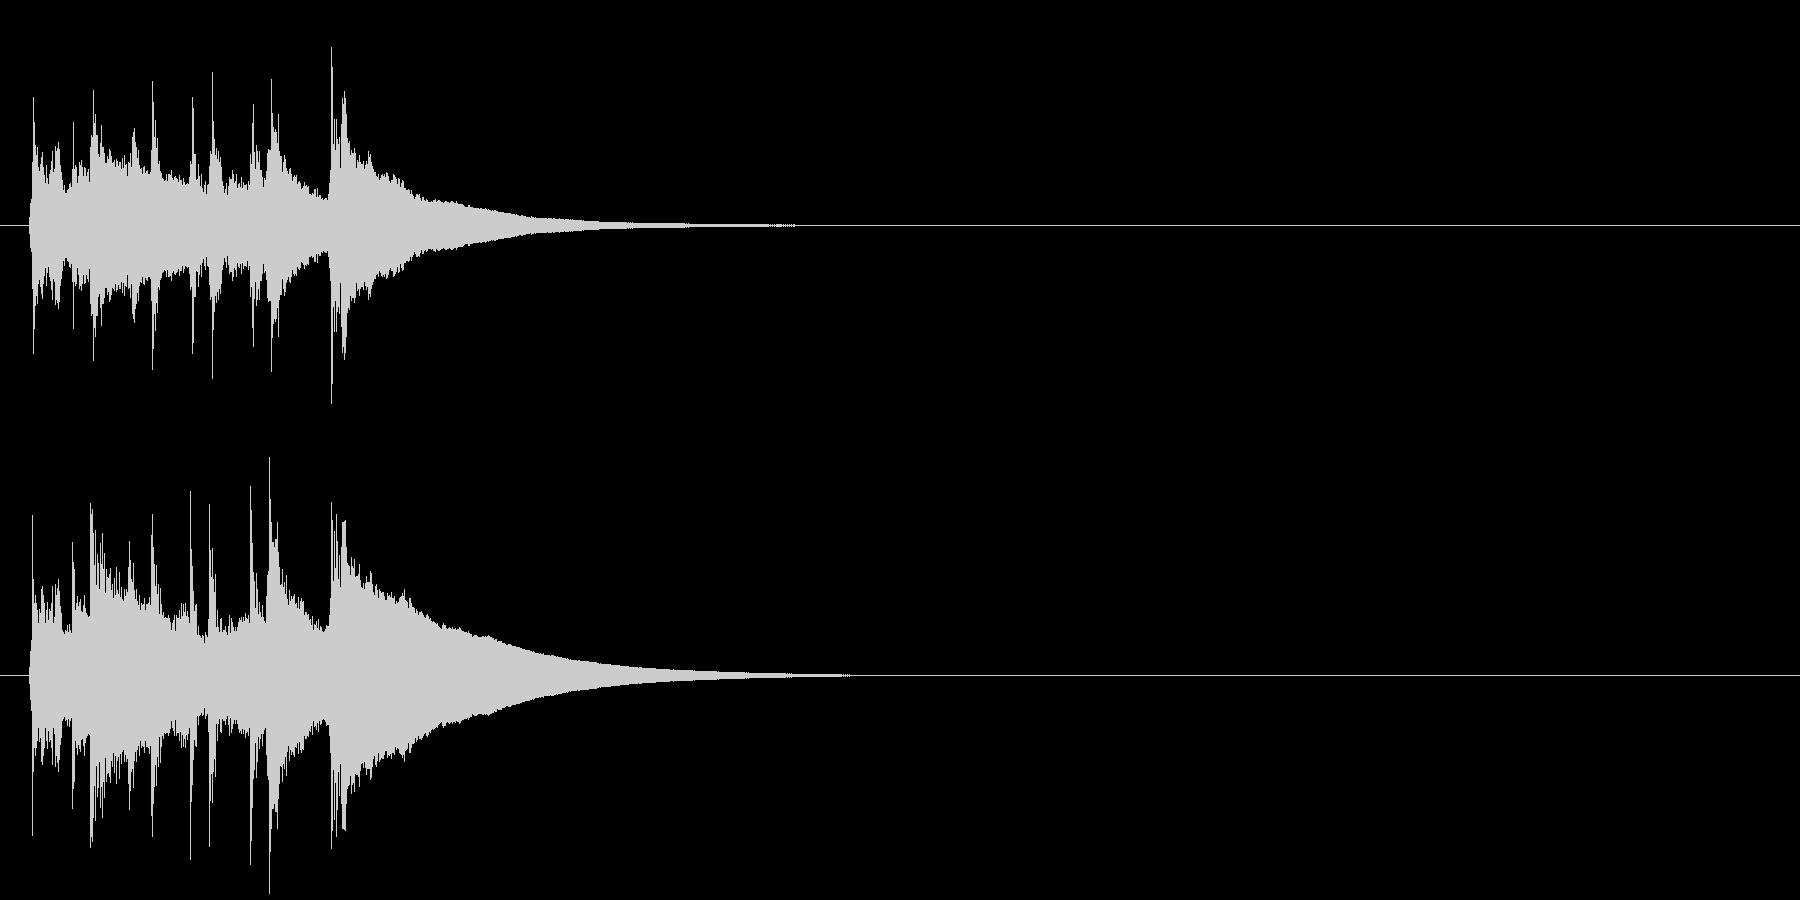 ジングル/コミカル(ズッコケ/阿波踊り)の未再生の波形